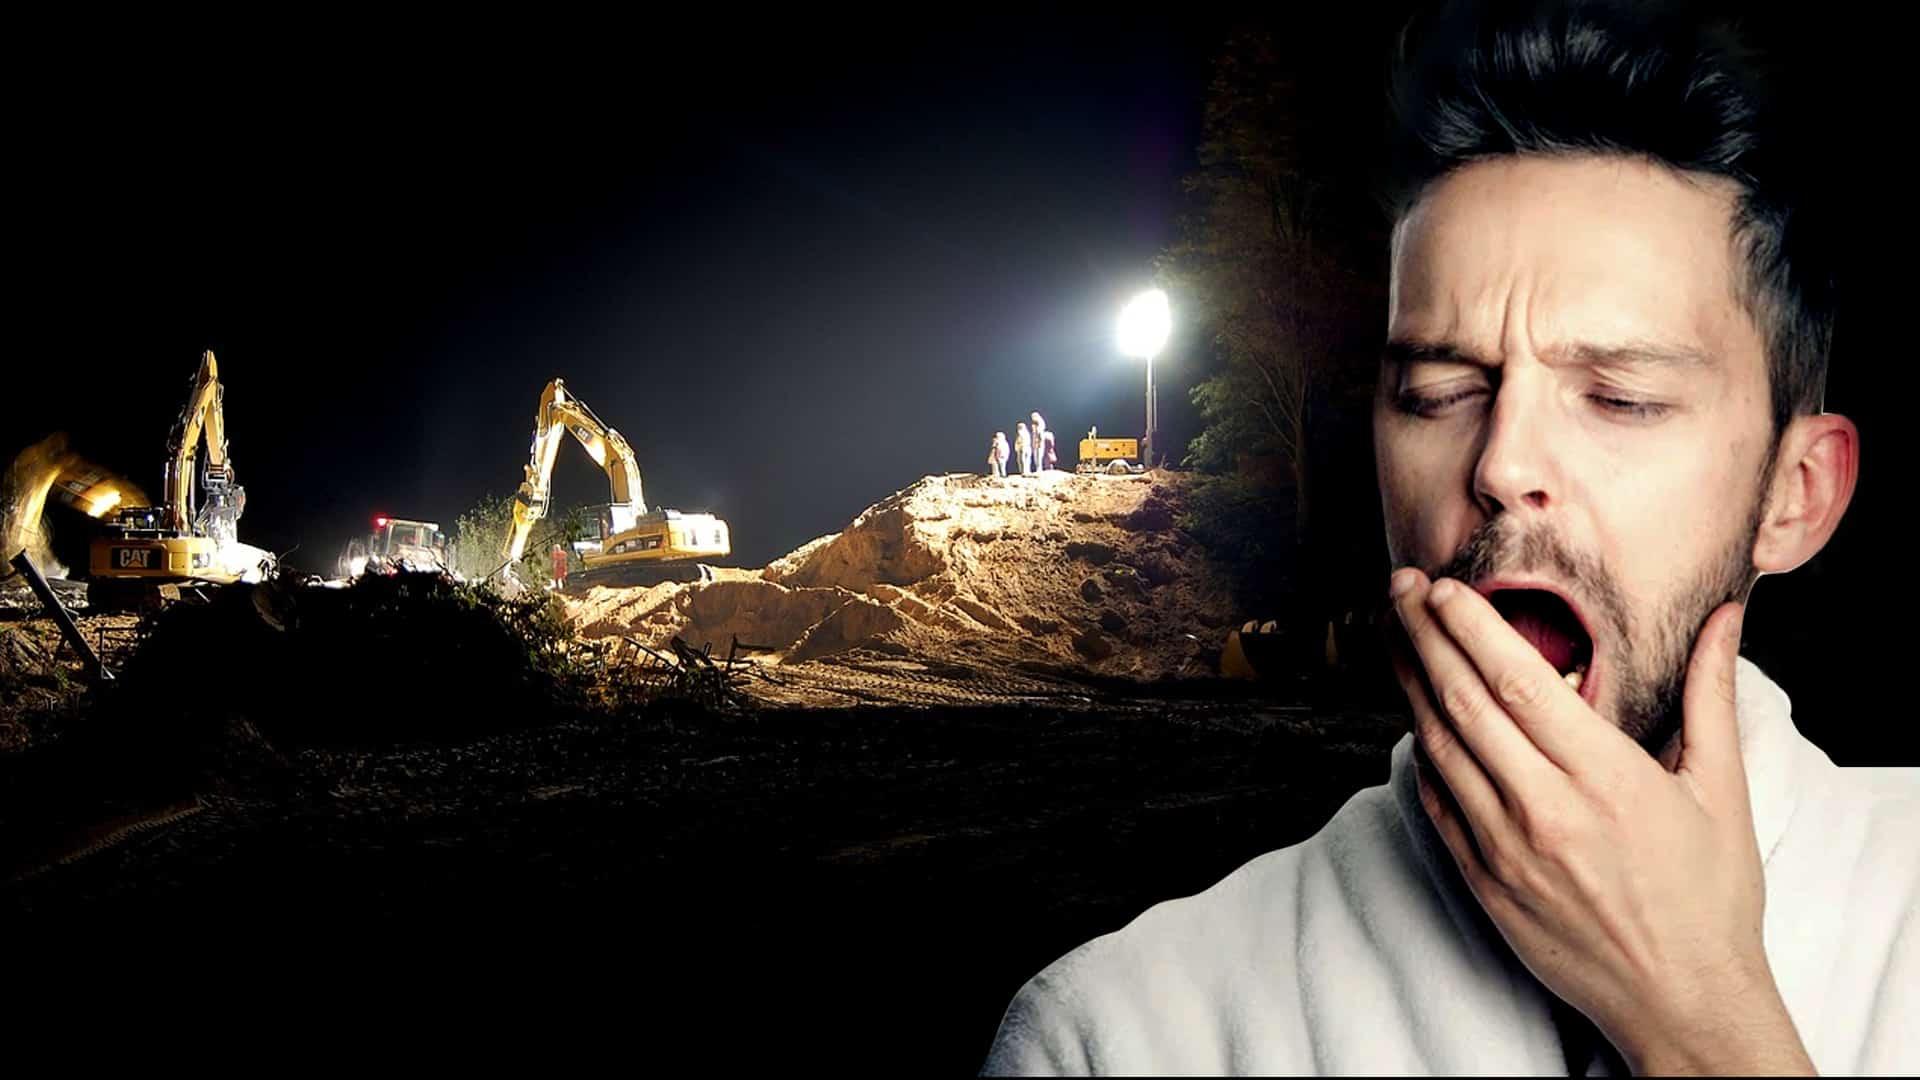 Travail de nuit : Quels effets ? Quelles préventions ?